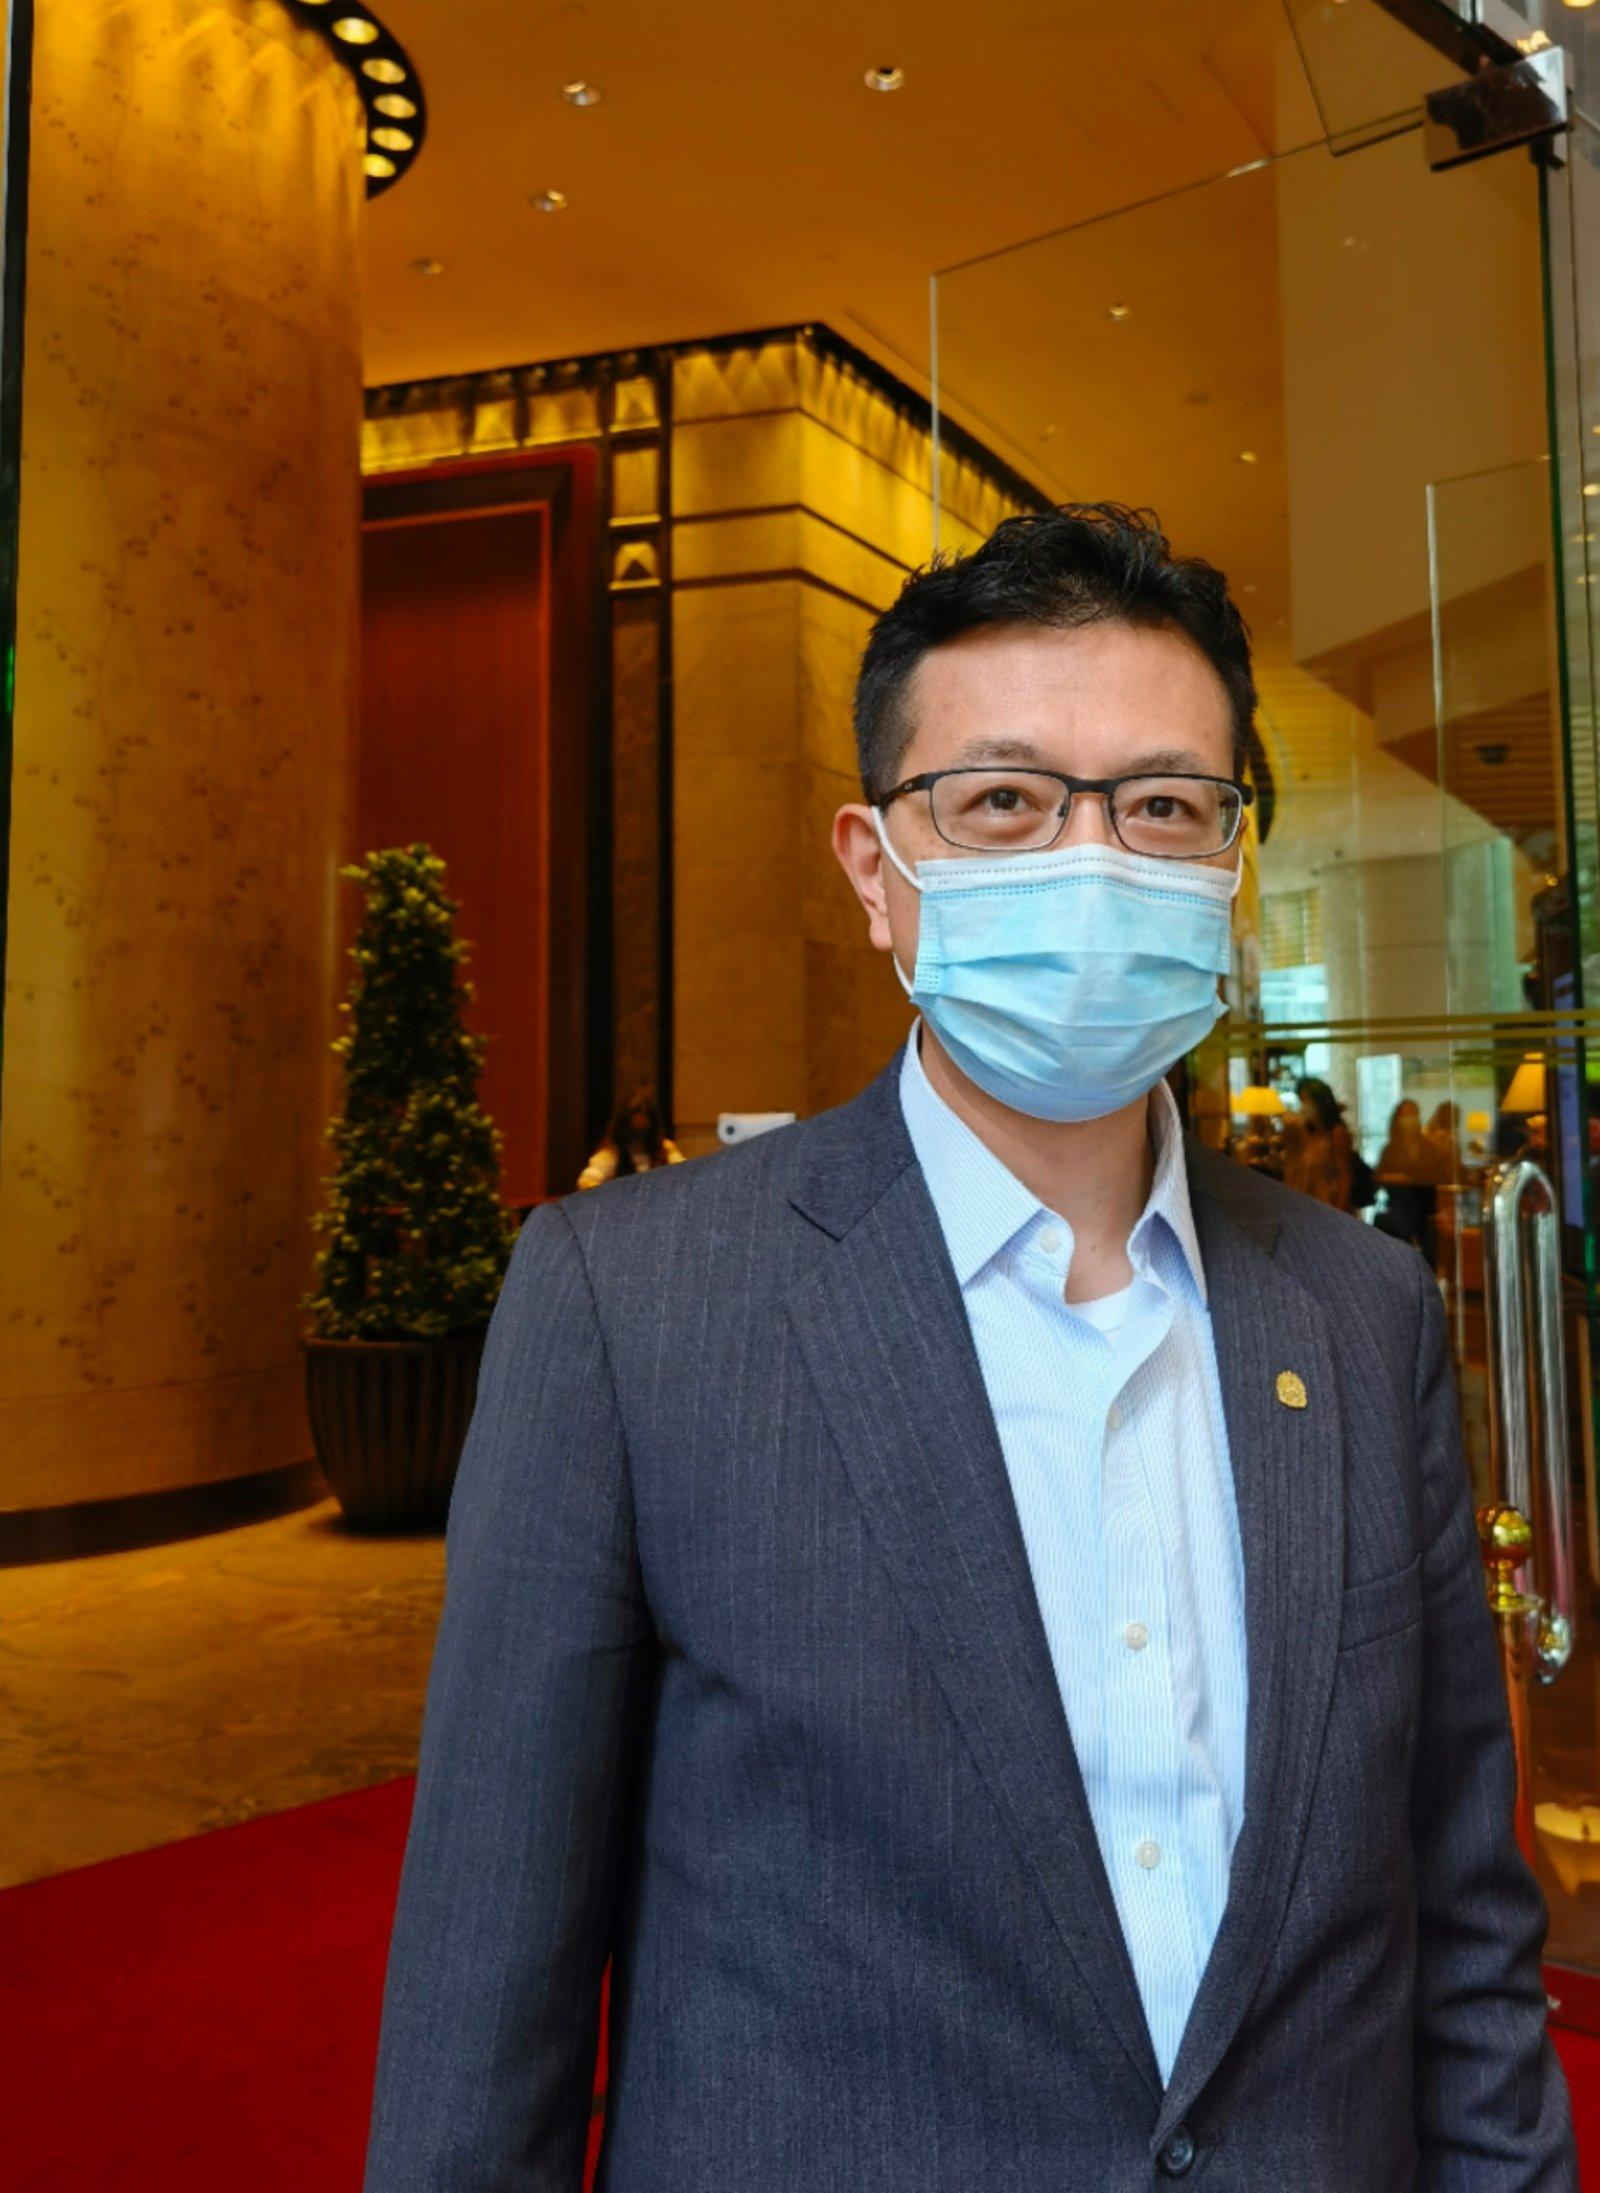 吳秋北:香港貧窮問題必須有系統地解決 不容繼續拖沓